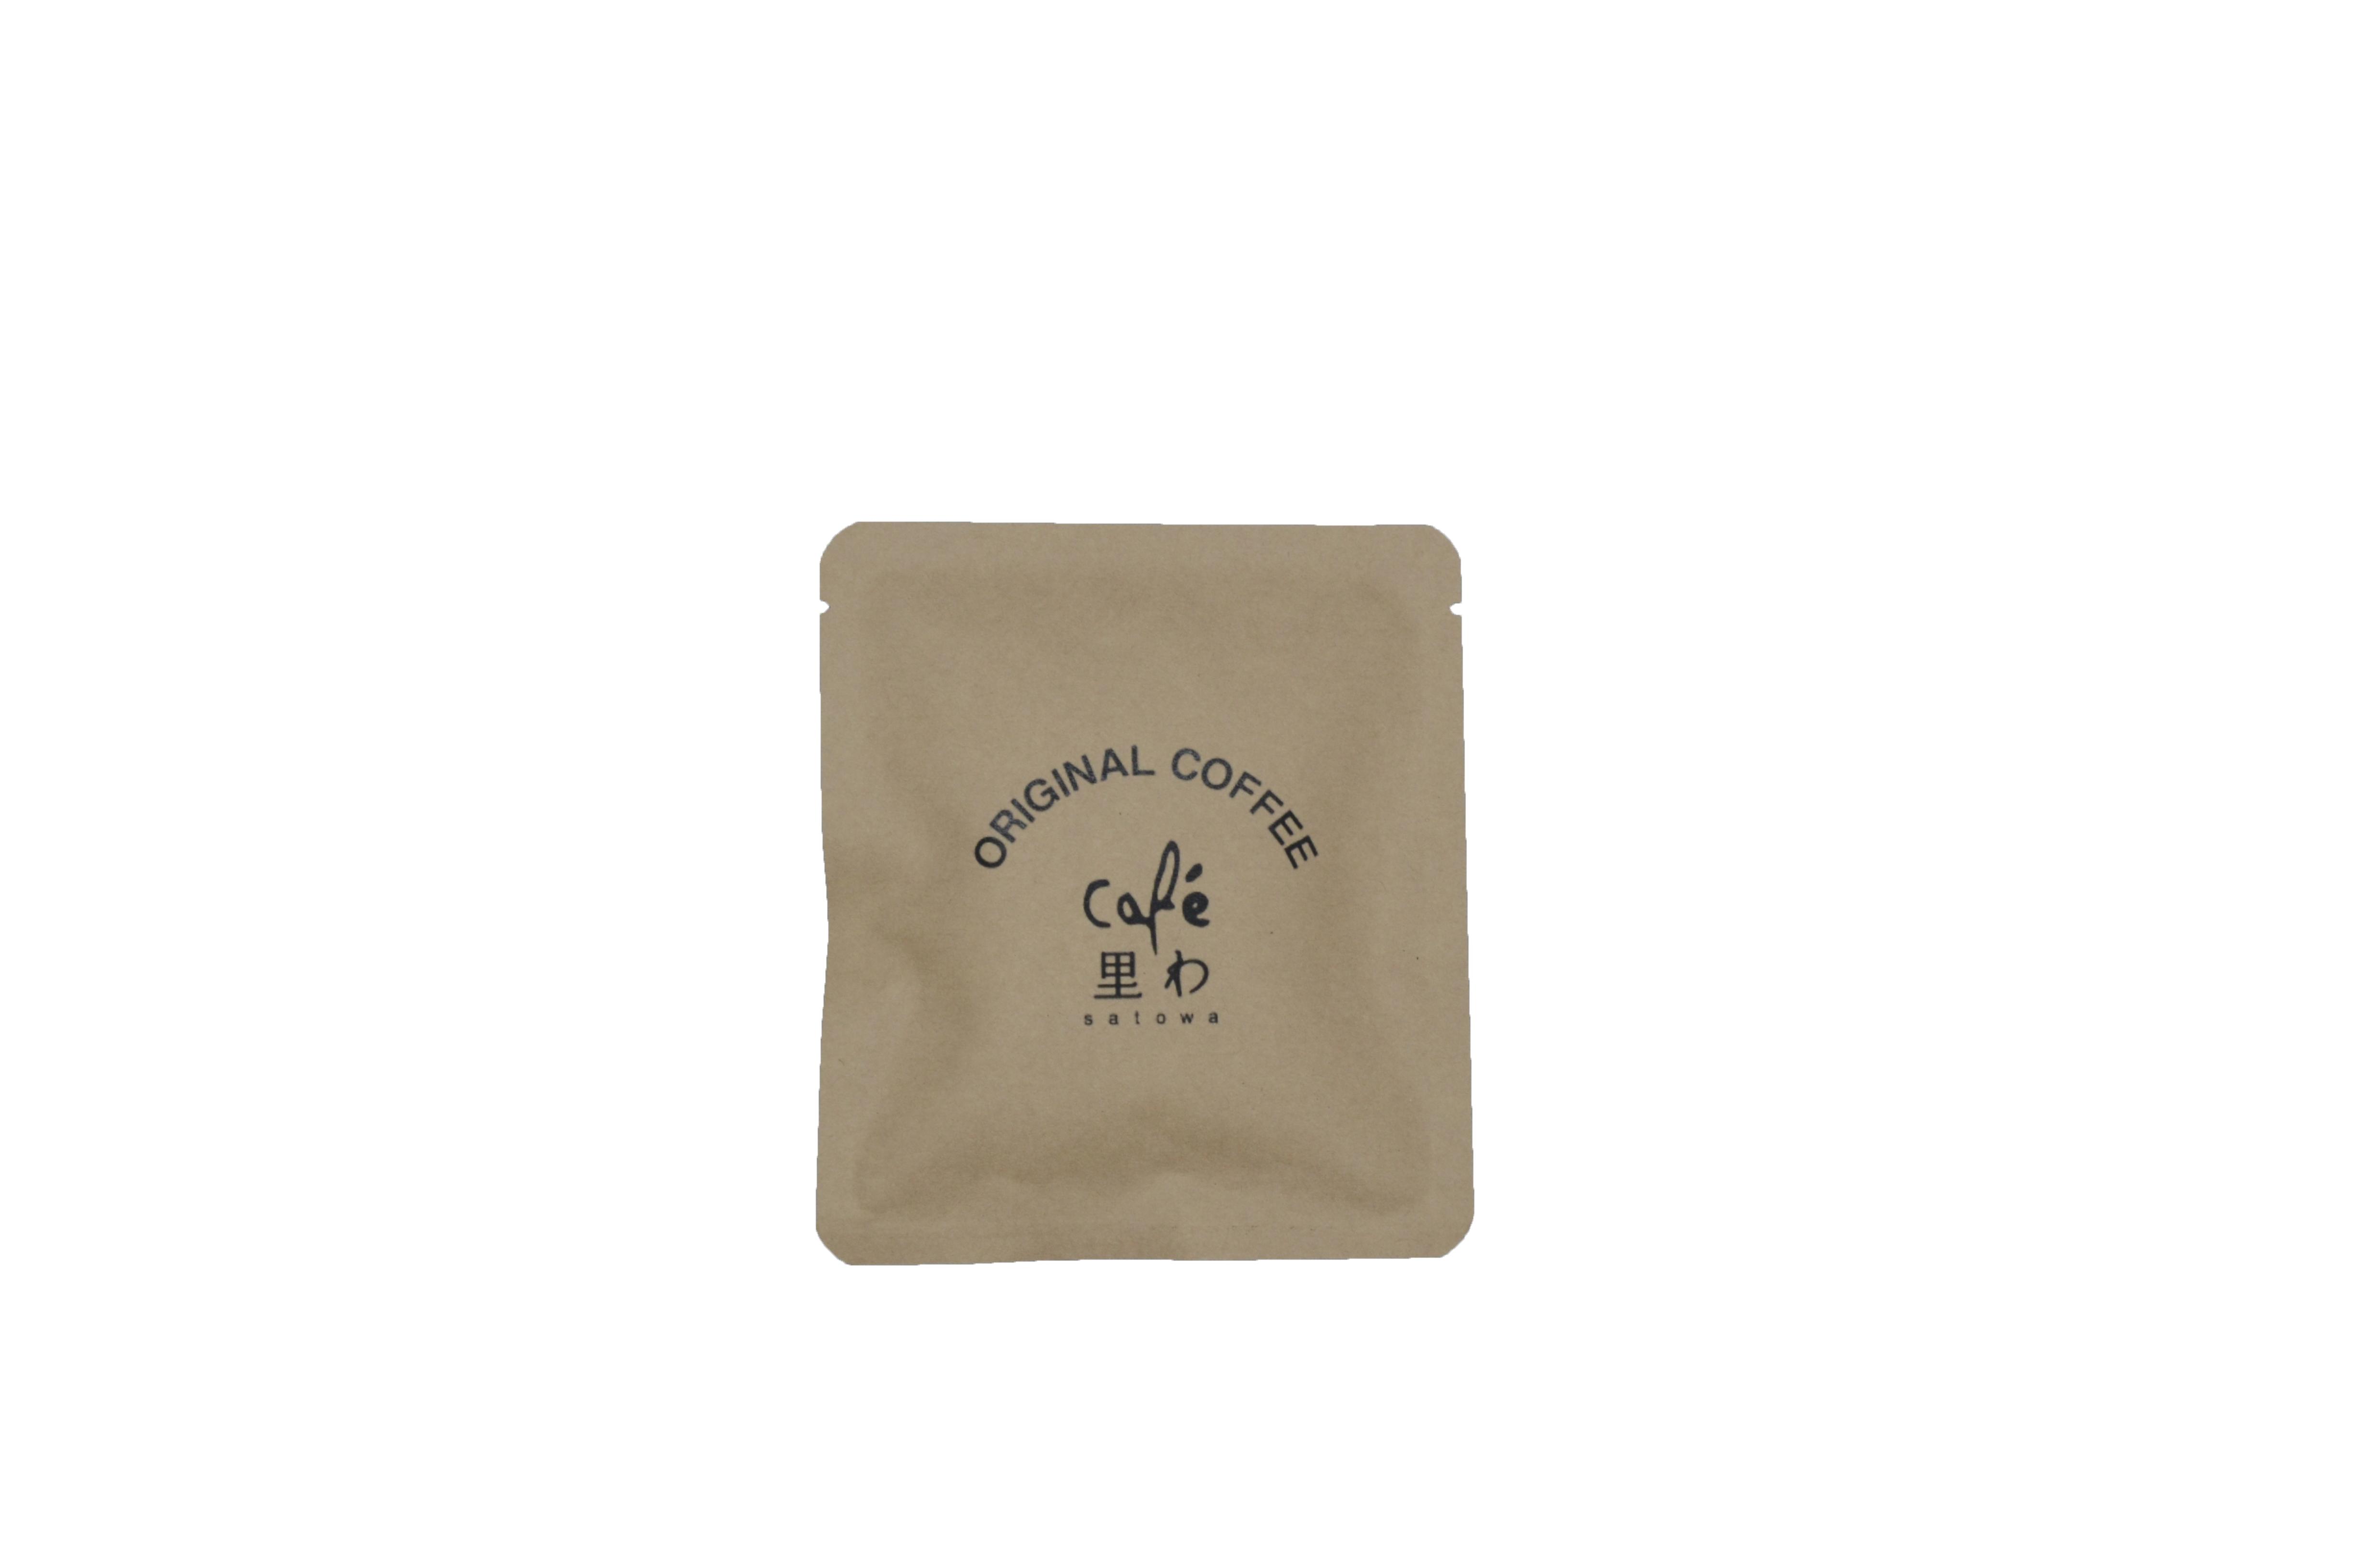 里わオリジナルブレンドコーヒー ドリップバッグ 1袋